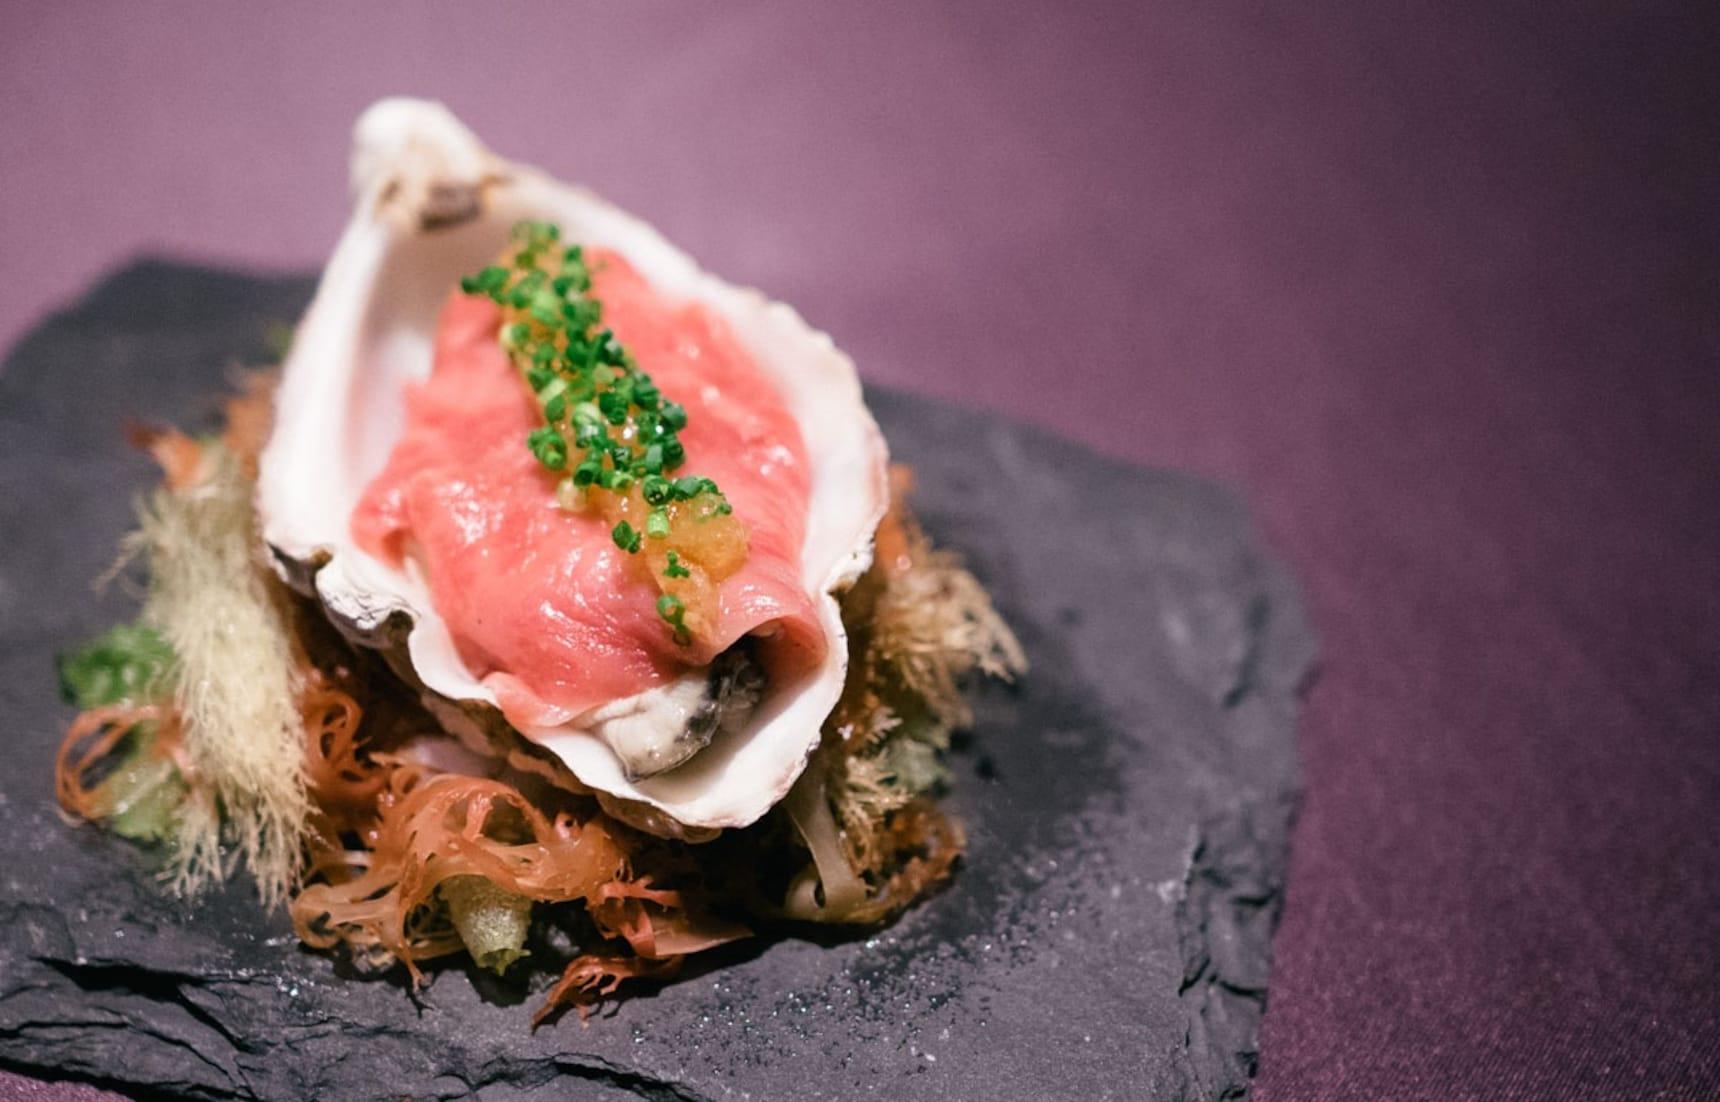 오사카에서 수준 높은 일본 요리를 경험할 수 있는 곳 TOP3